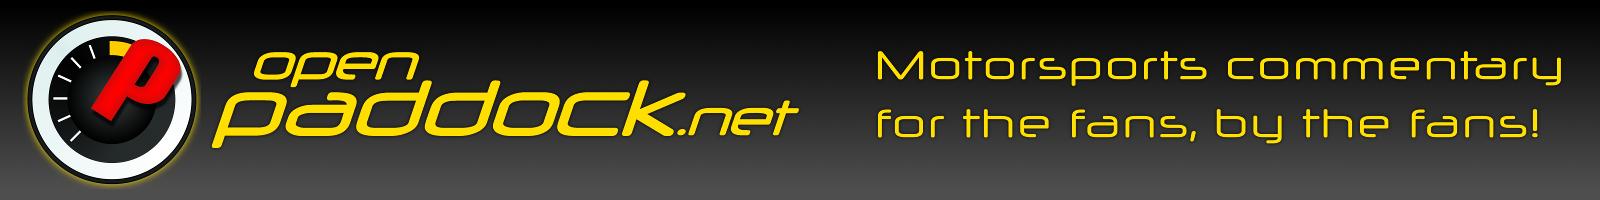 OpenPaddock.net